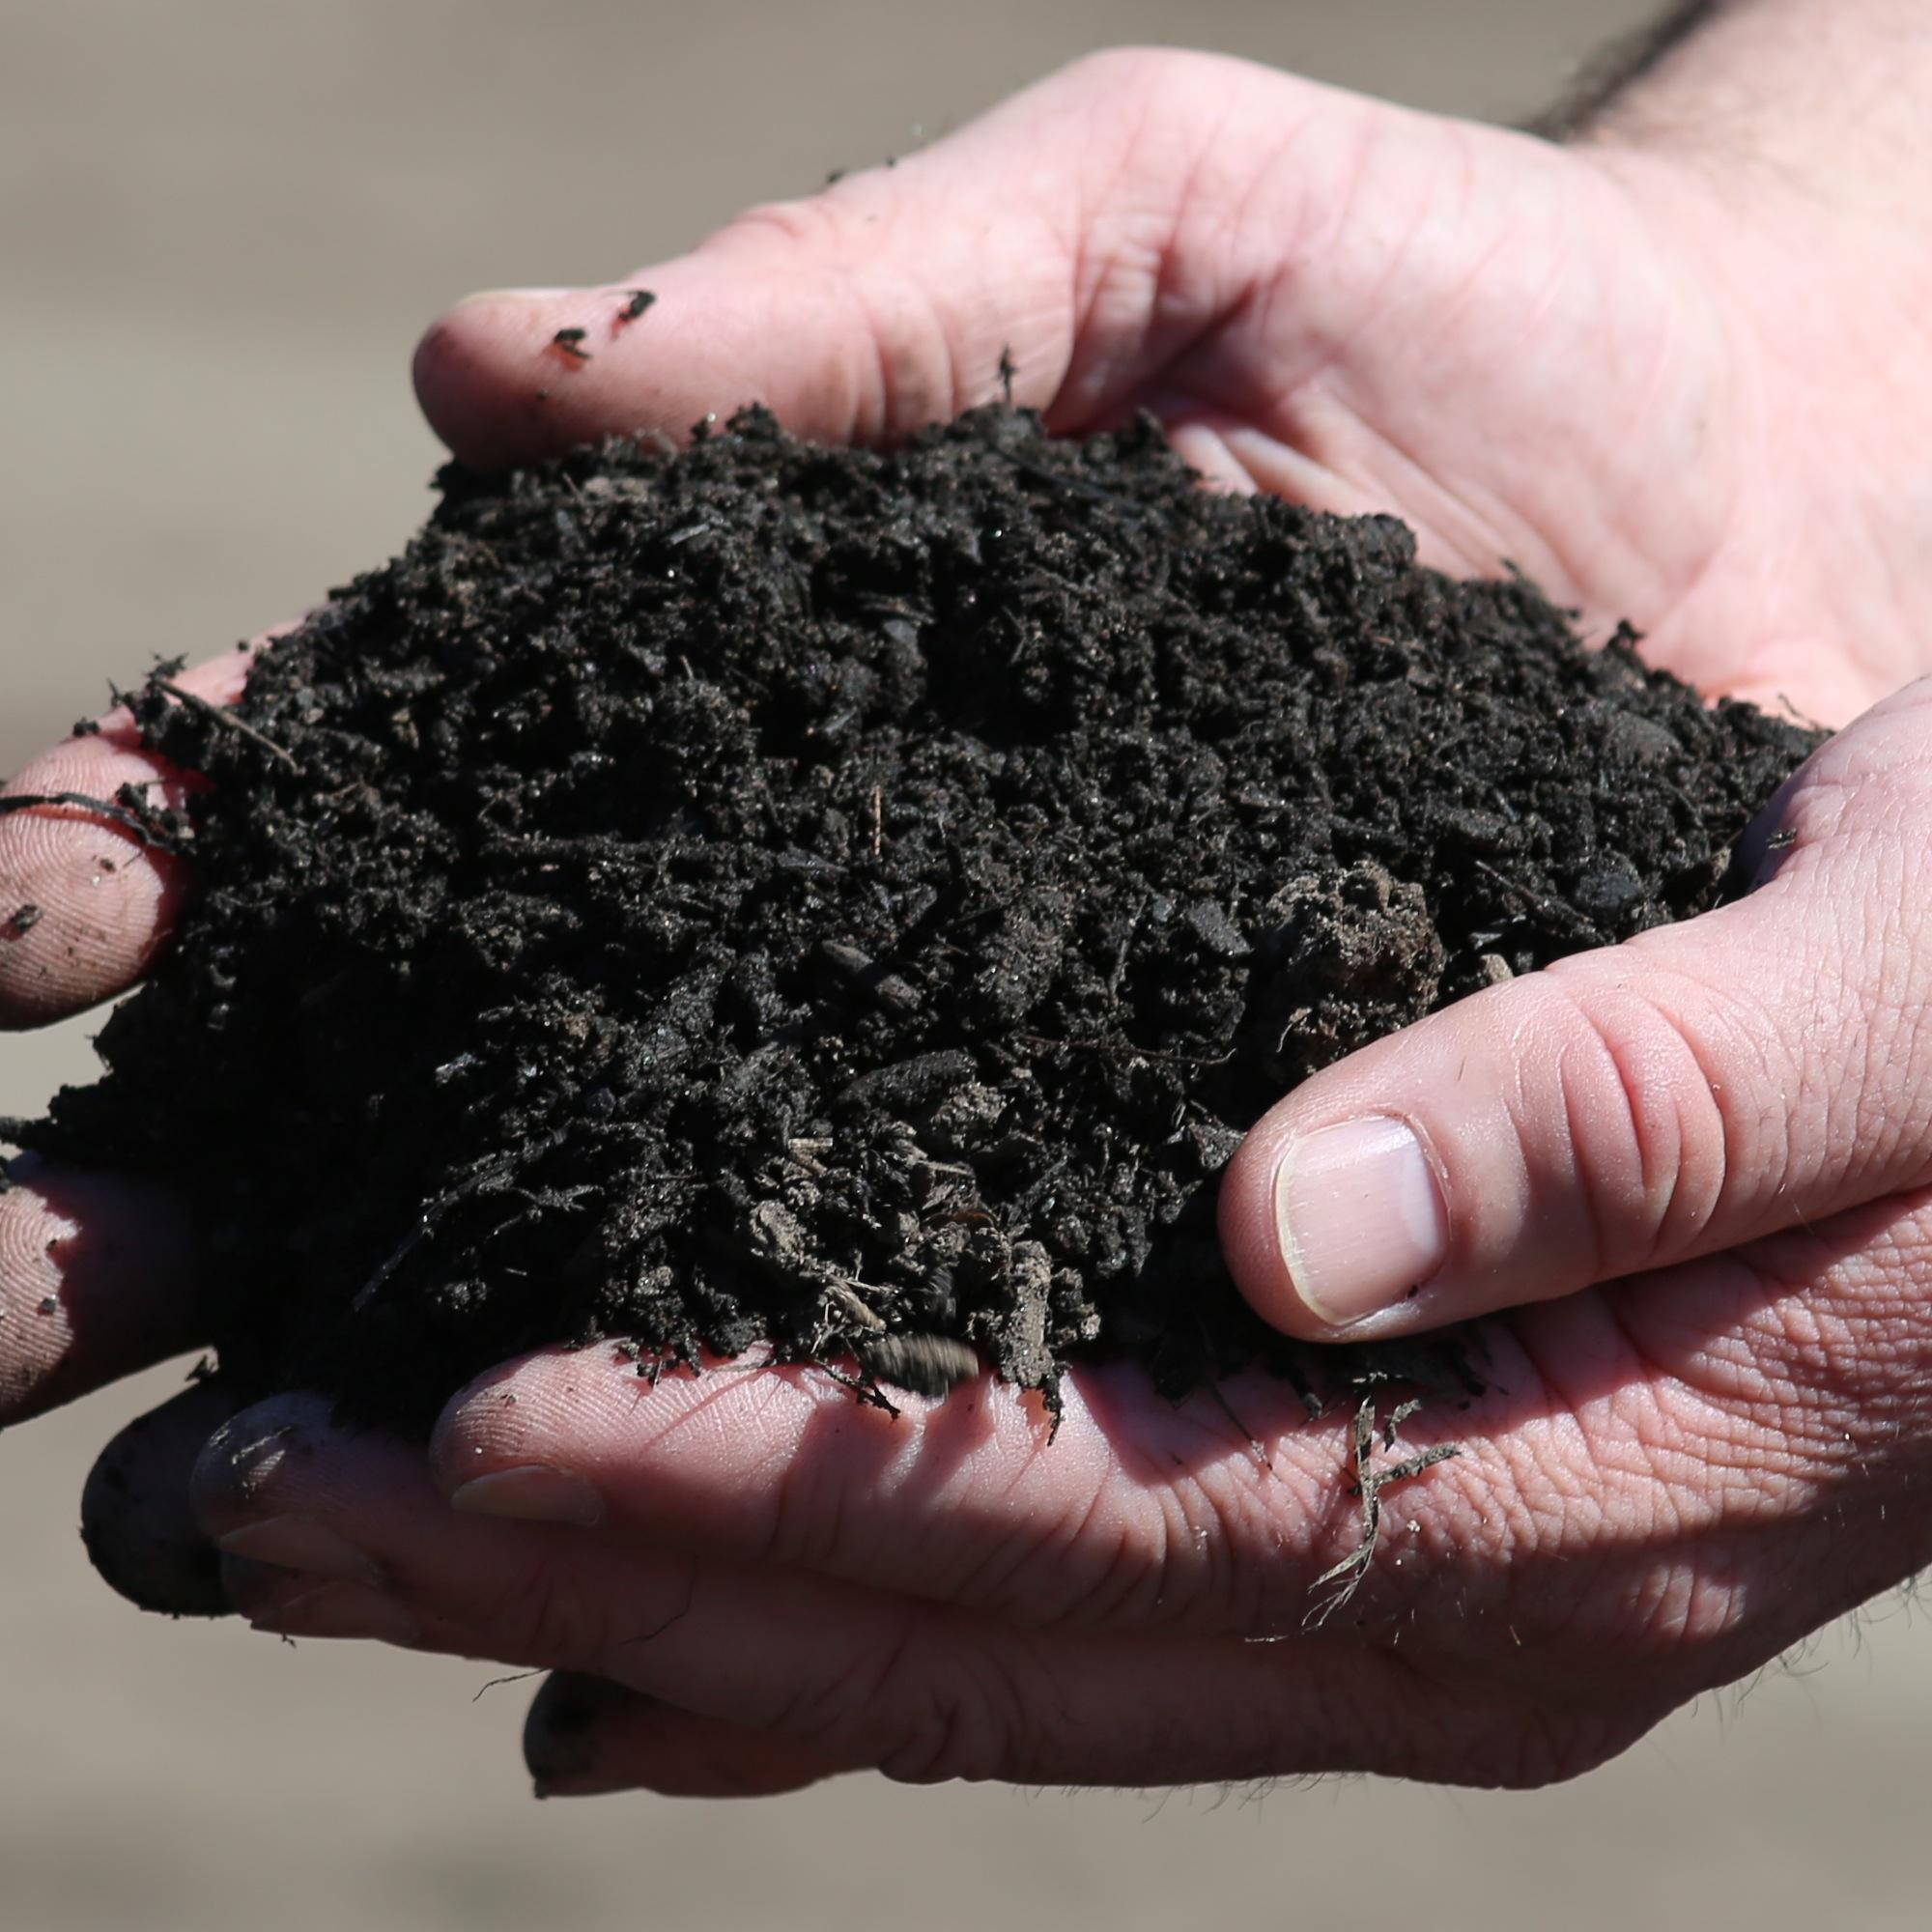 Soils and Soil Mixes